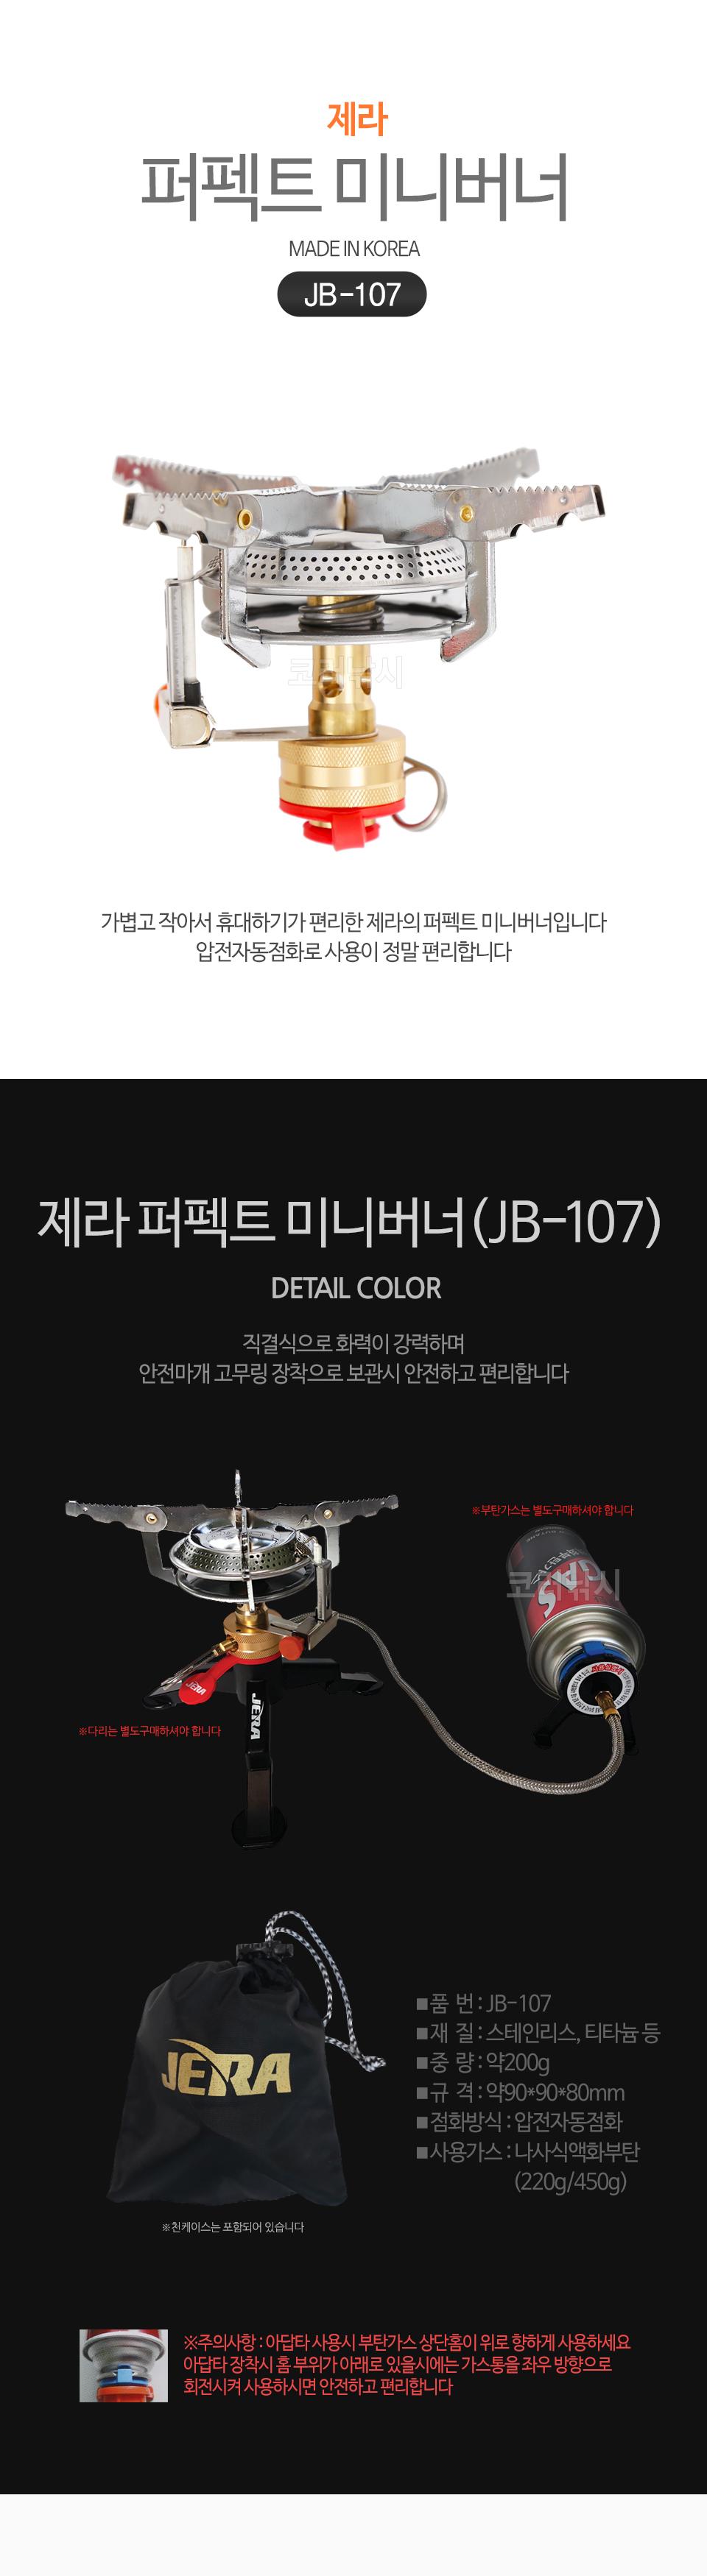 제라 퍼펙트 미니버너 (JB-107) (MADE IN KOREA) 제라산업 화성산업 제라버너 화성버너 퍼펙트버너